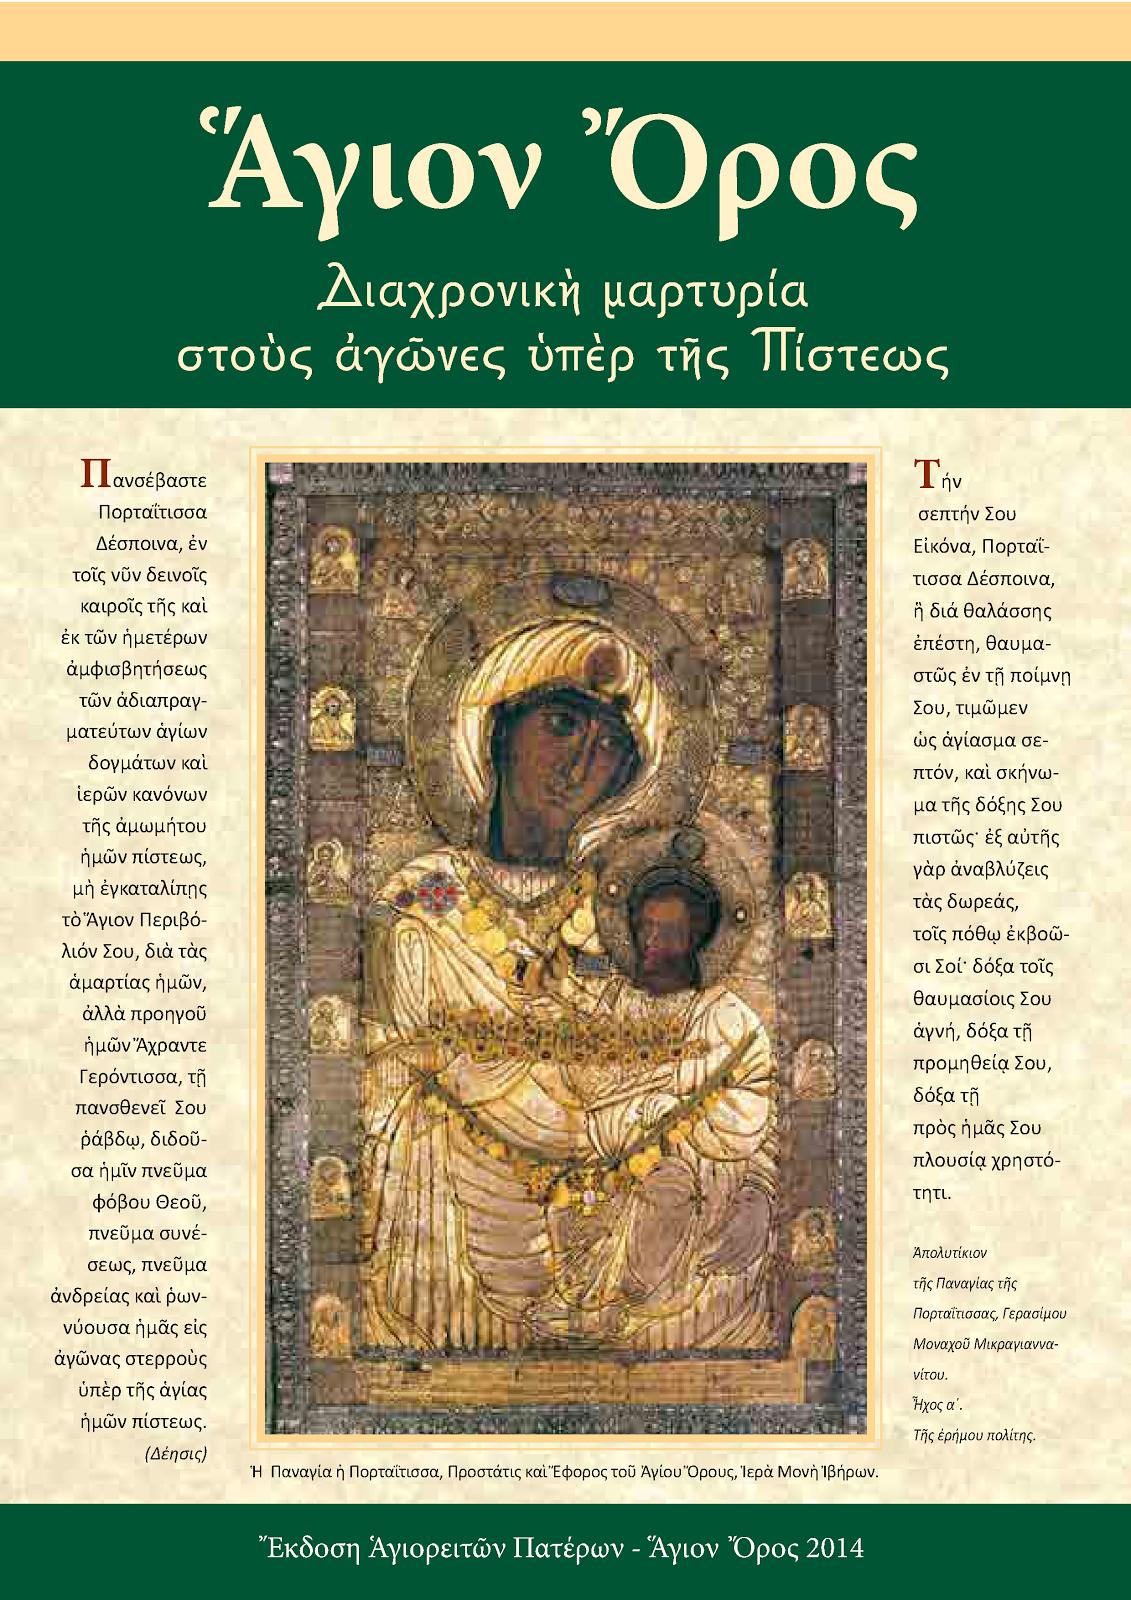 Ἅγιον Ὄρος - διαχρονική μαρτυρία στούς ἀγῶνες ὑπέρ τῆς πίστεως